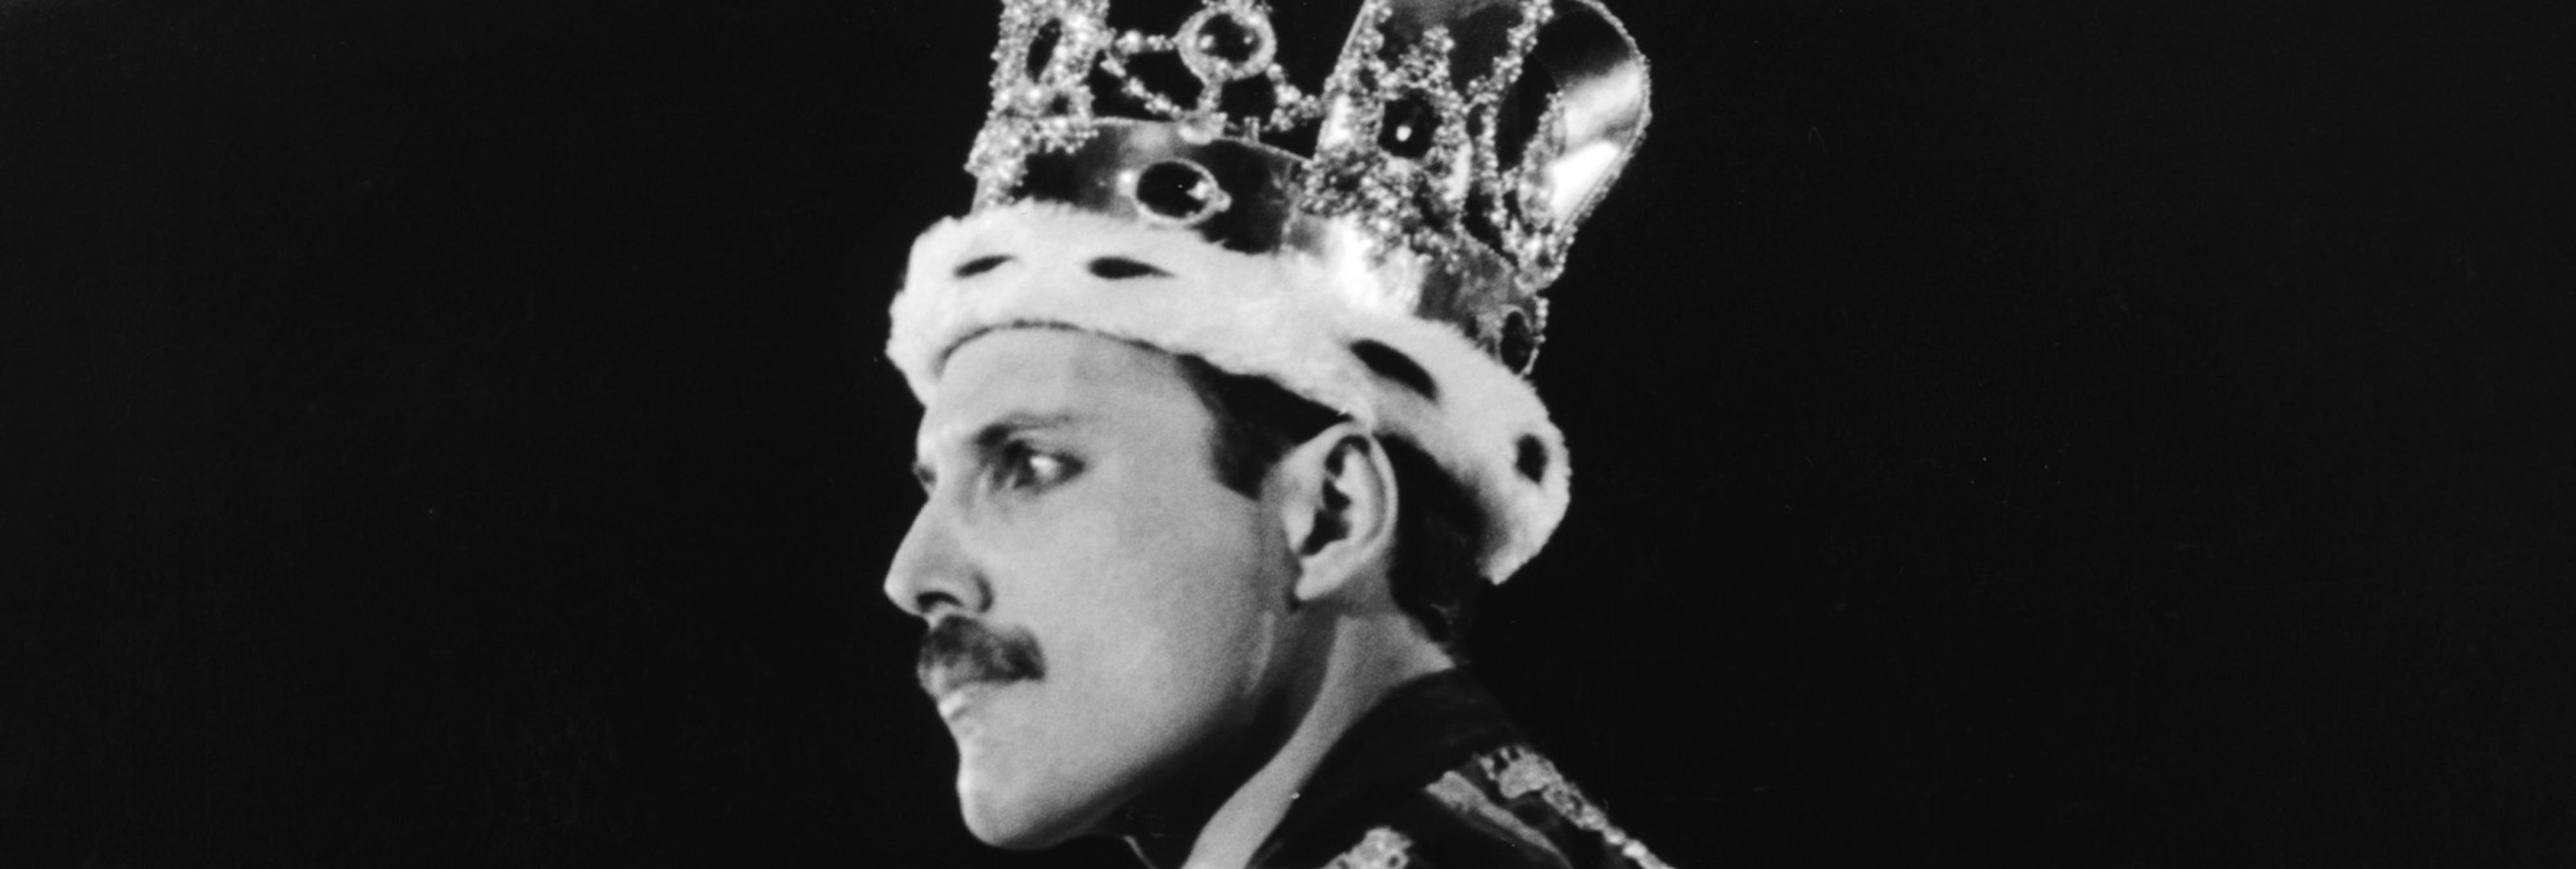 Freddie Mercury: el legado de una auténtica leyenda del rock